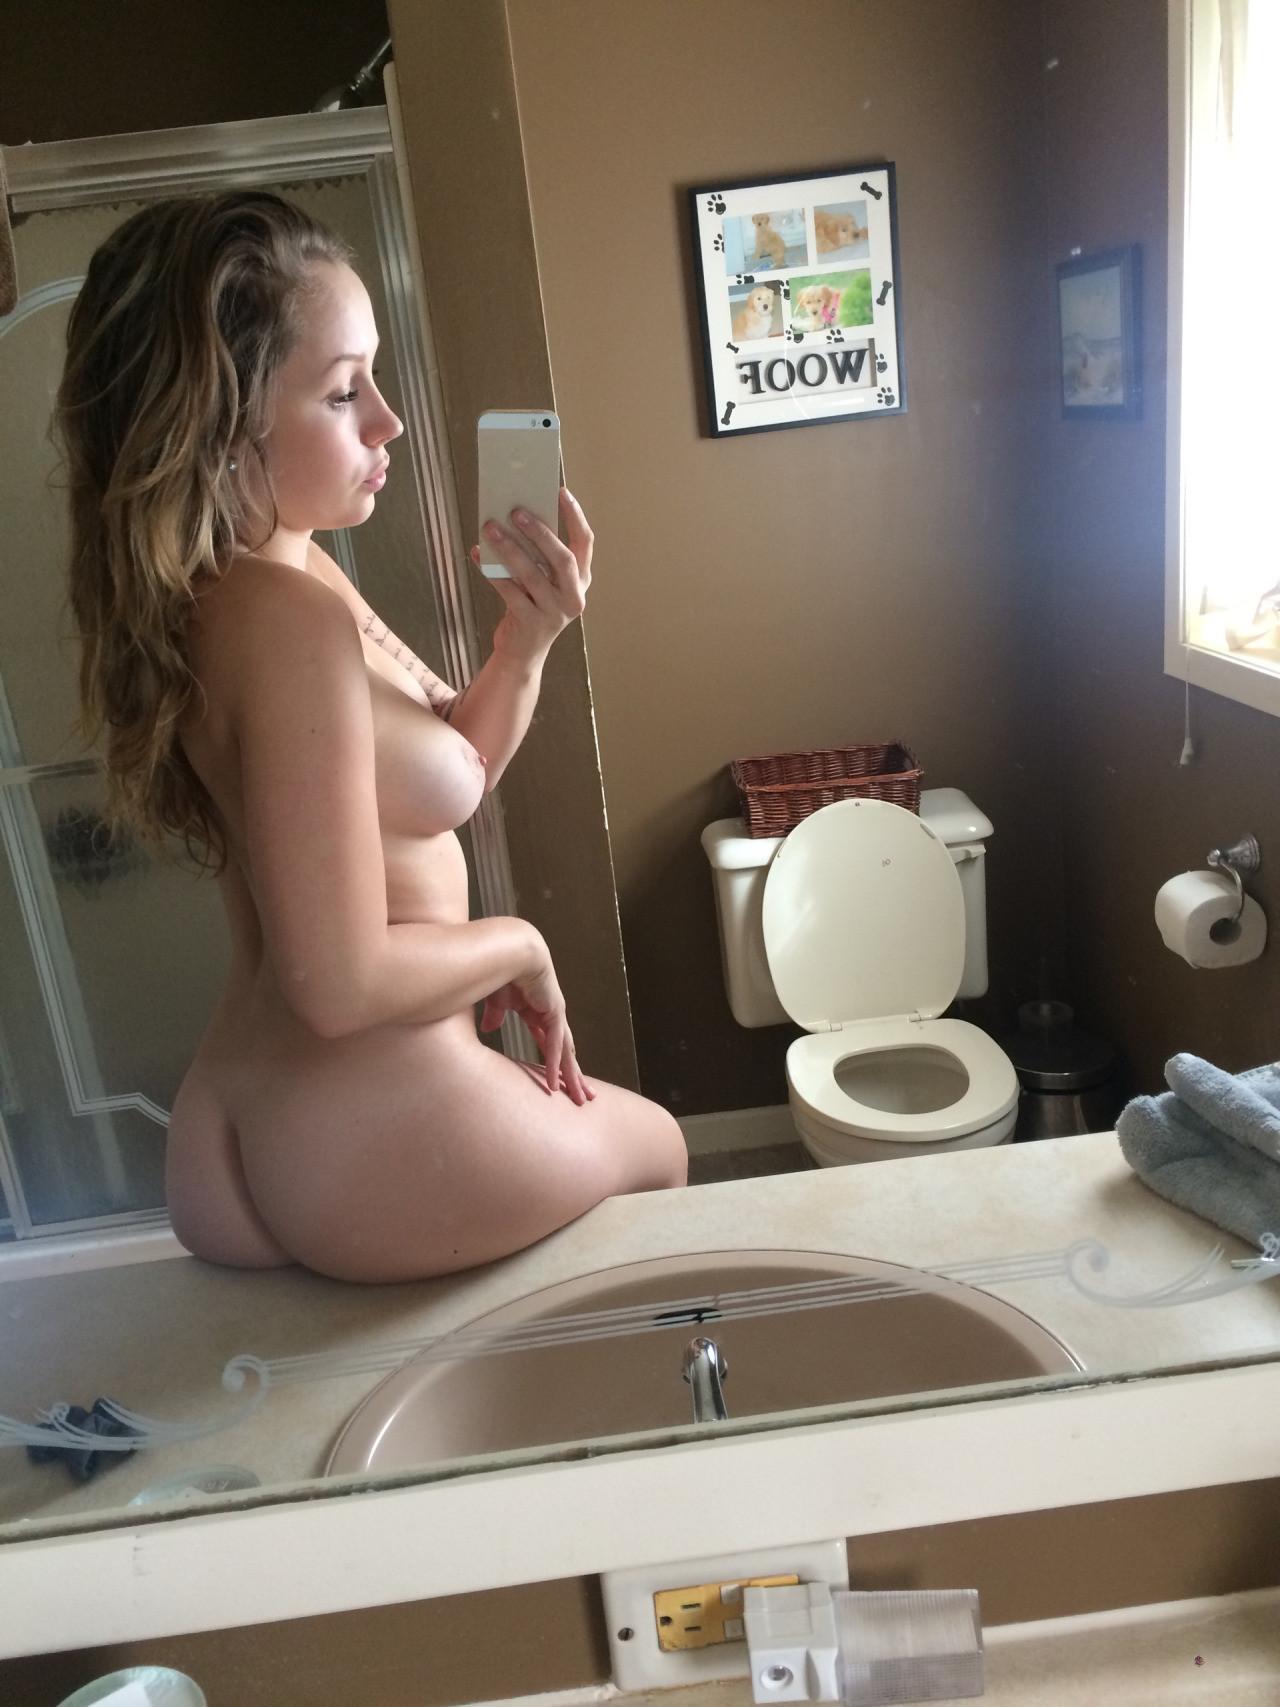 Sink porn